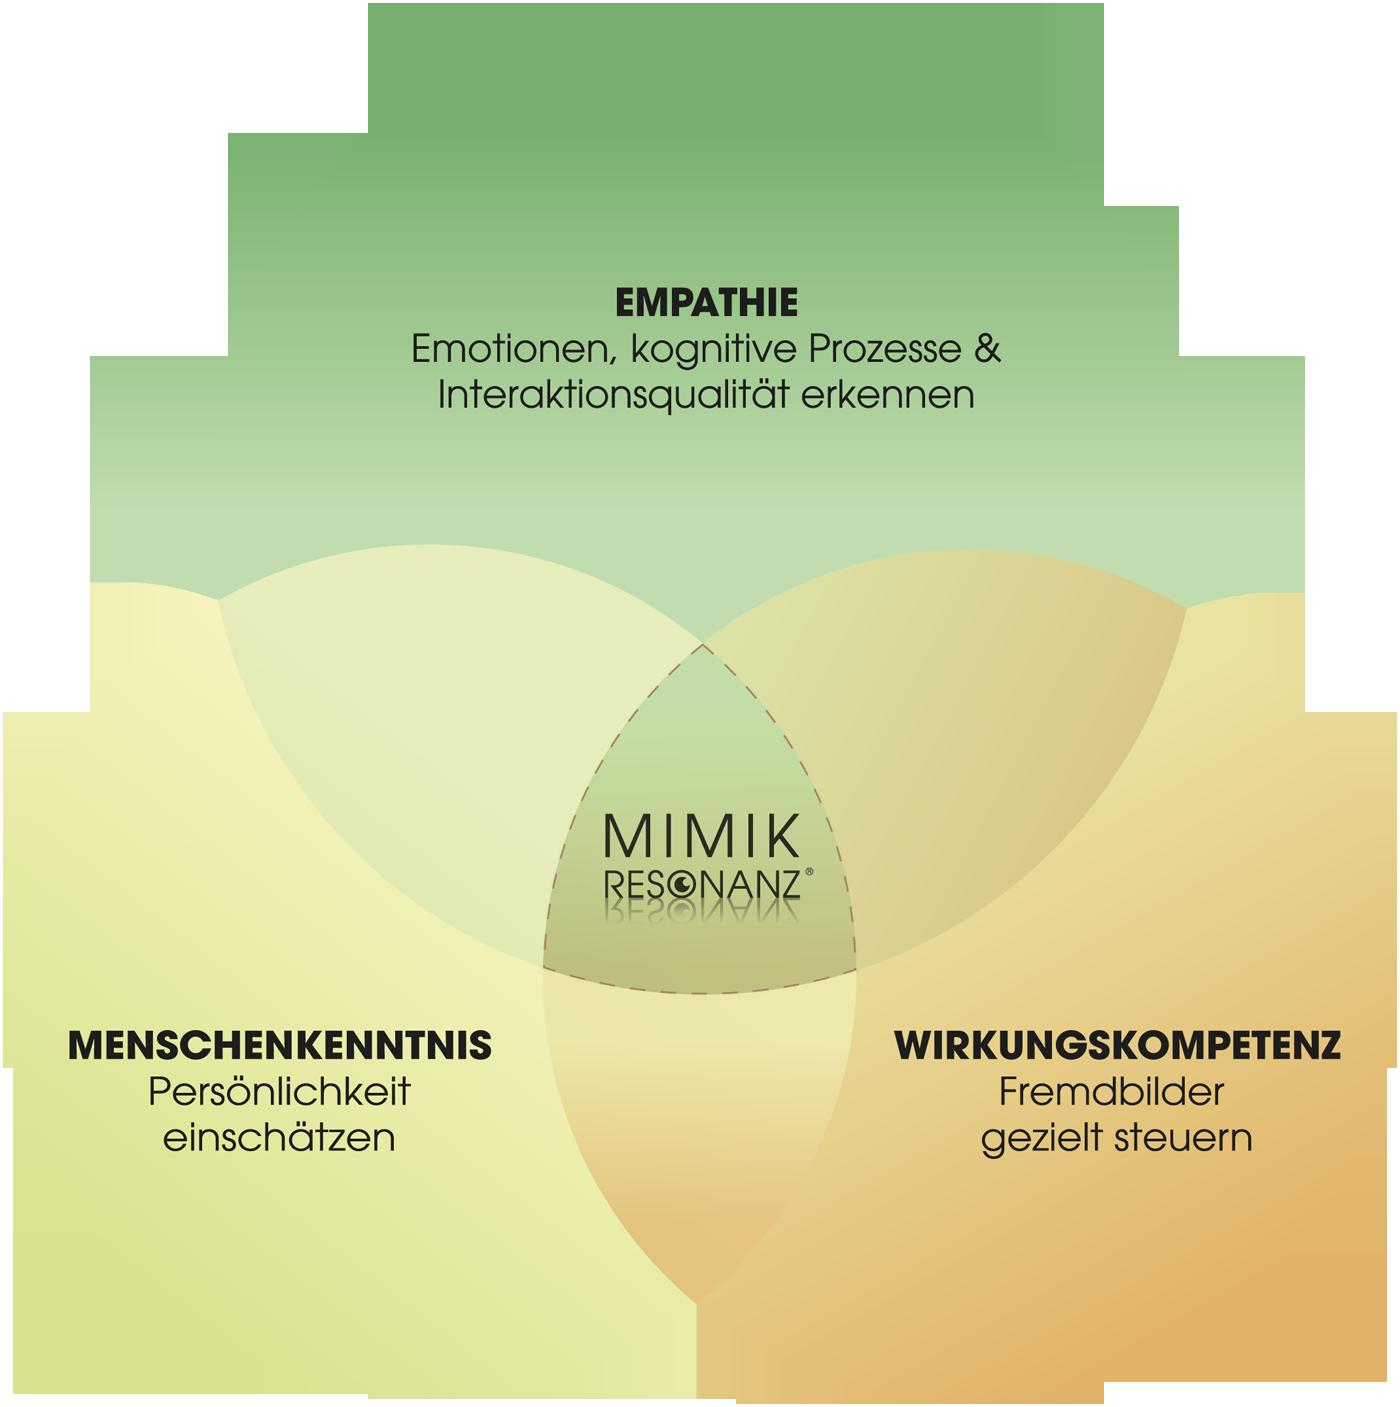 Mimikresonanz-Kompetenz-Modell